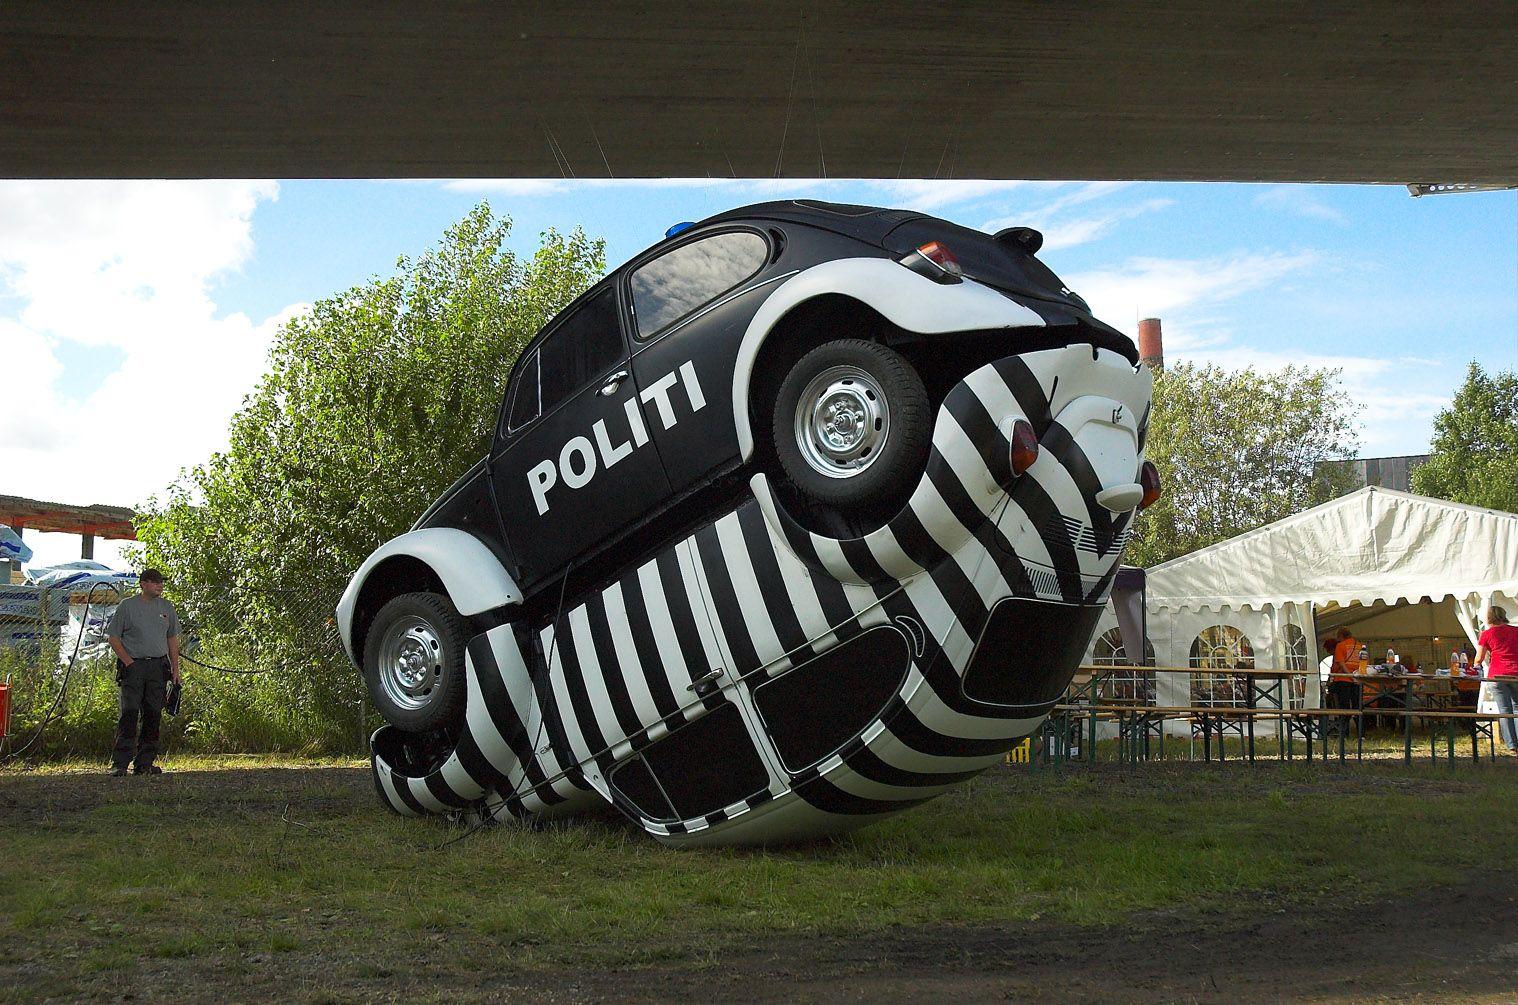 """Beetle sculpture - """"Polti&Røver"""" Skulpturen ble laget til Under brua festivalen i august 2010. (Sponset av Møller Bil)"""